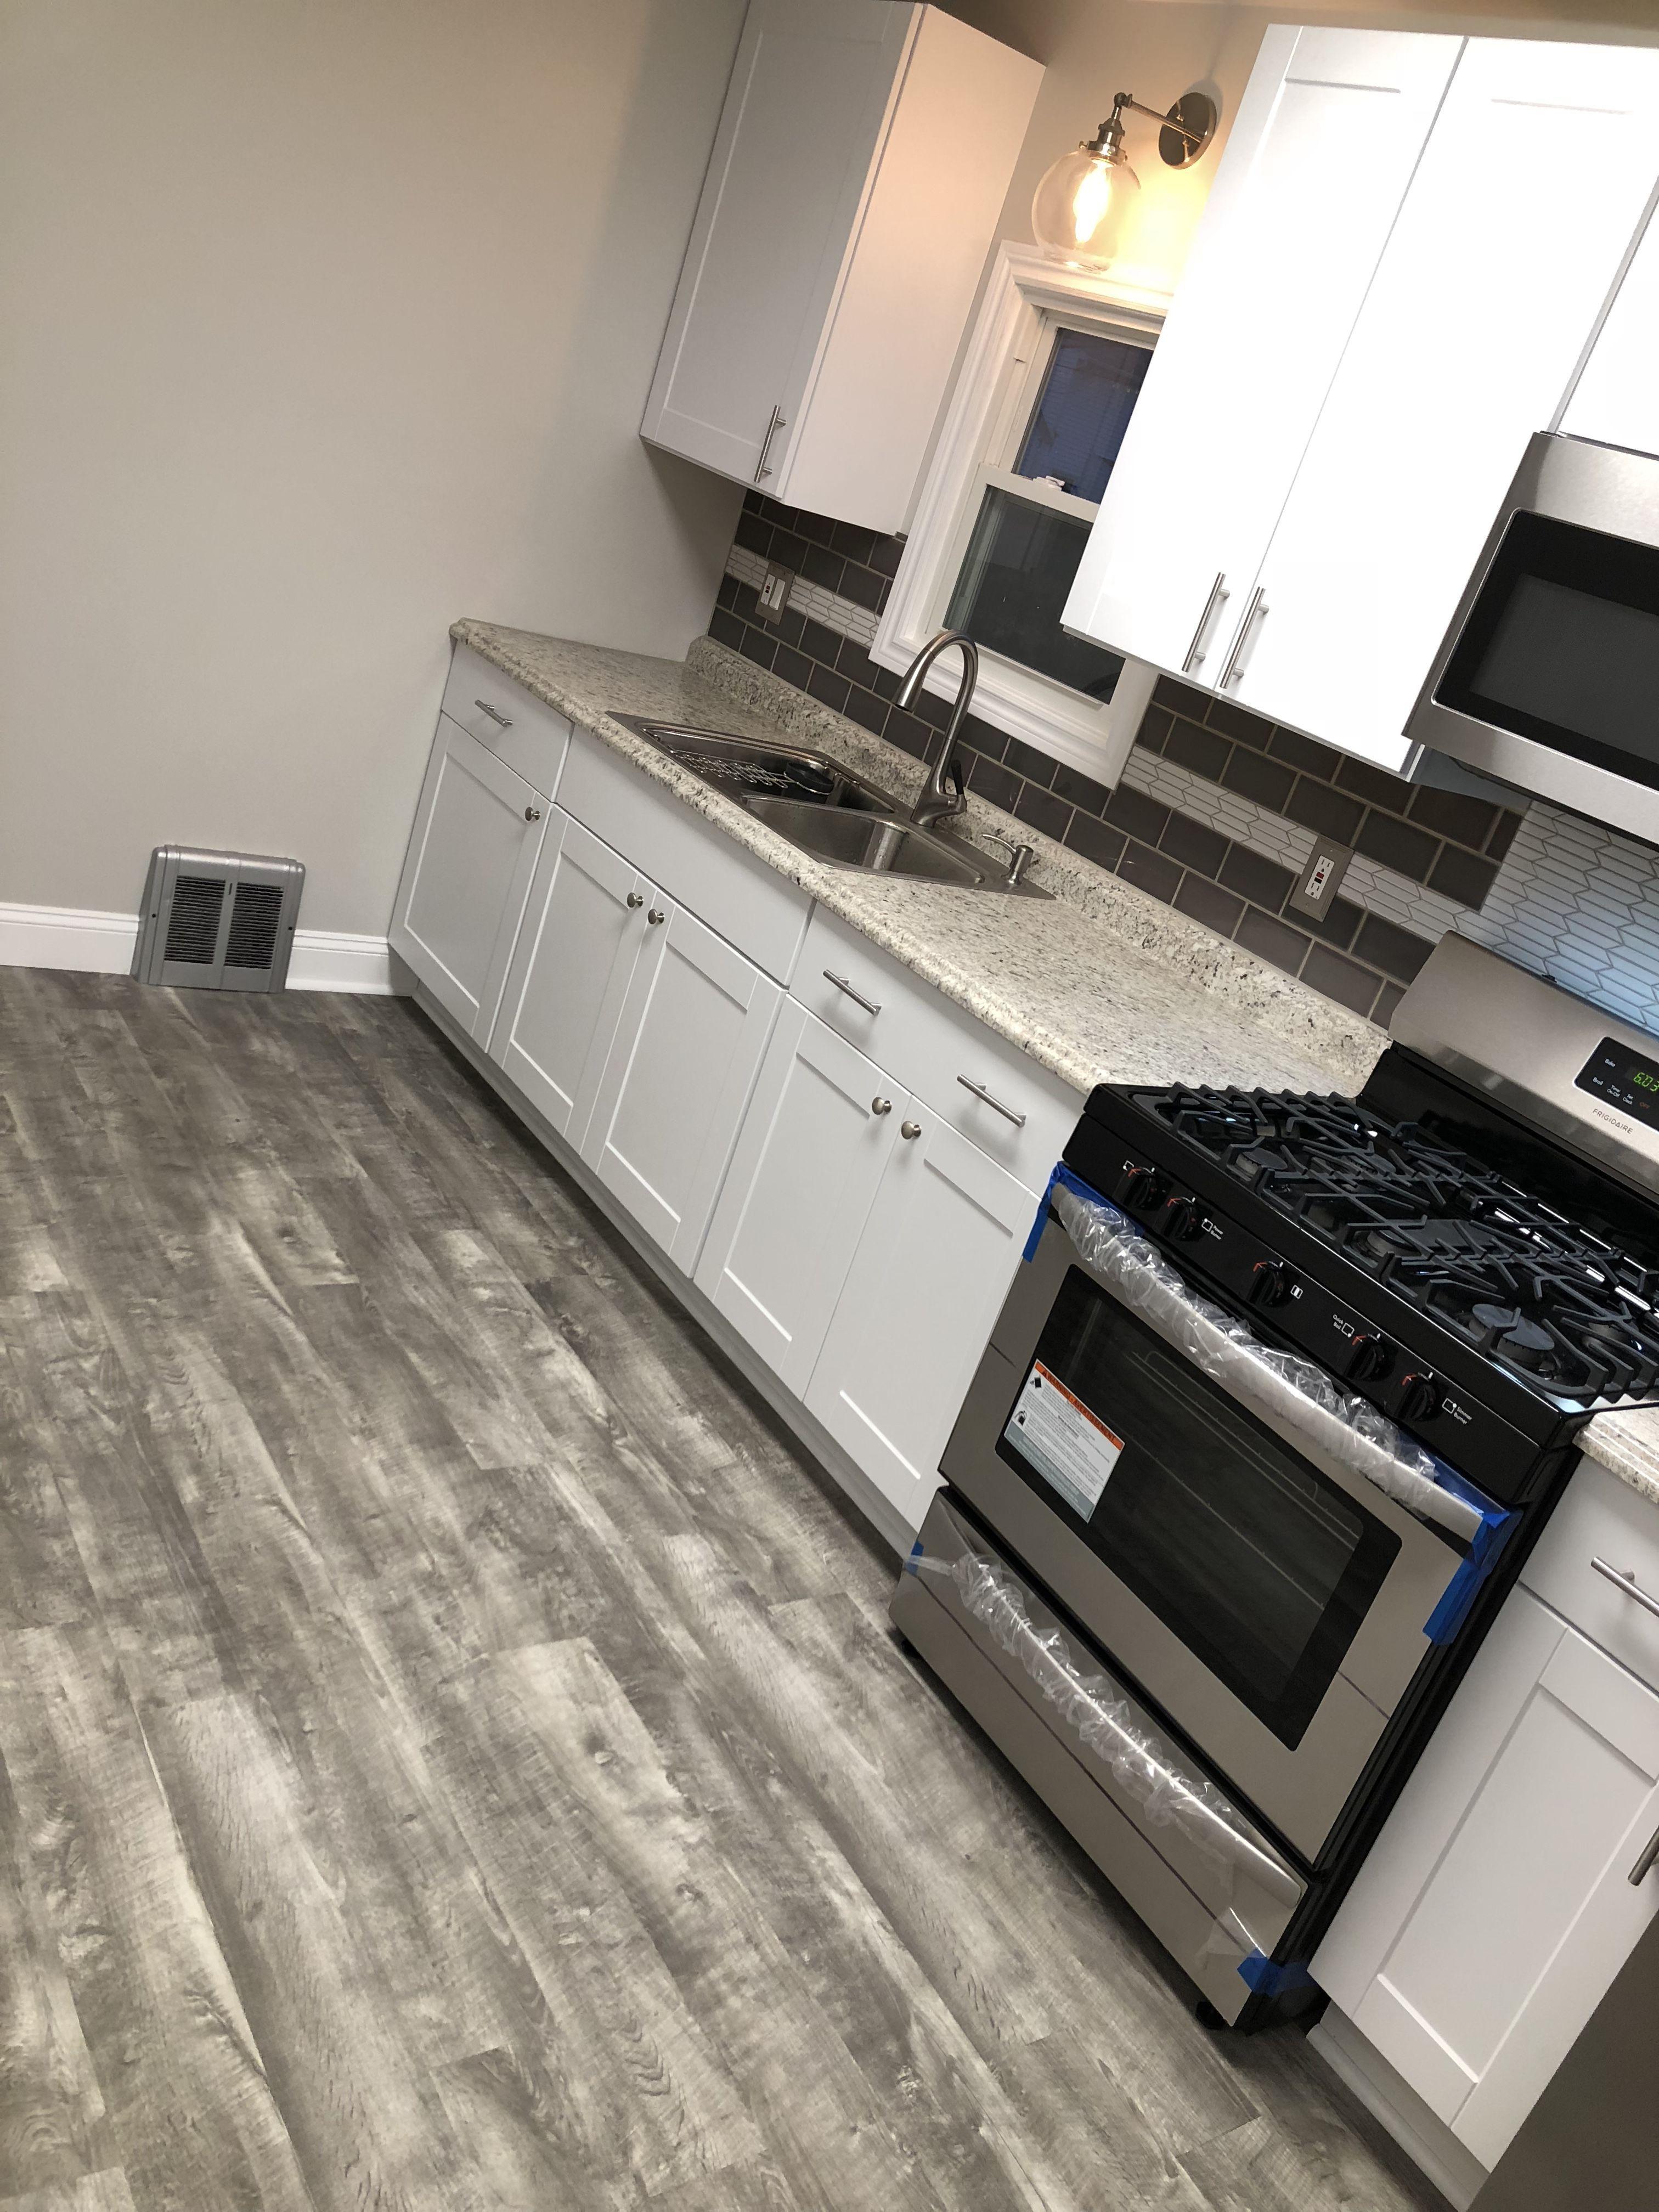 Home Decorators Stony Oak Grey Vinyl Plank Flooring White Shaker Kitchen Cabinets Grey Vinyl Plank Flooring Vinyl Plank Flooring Vinyl Flooring Kitchen